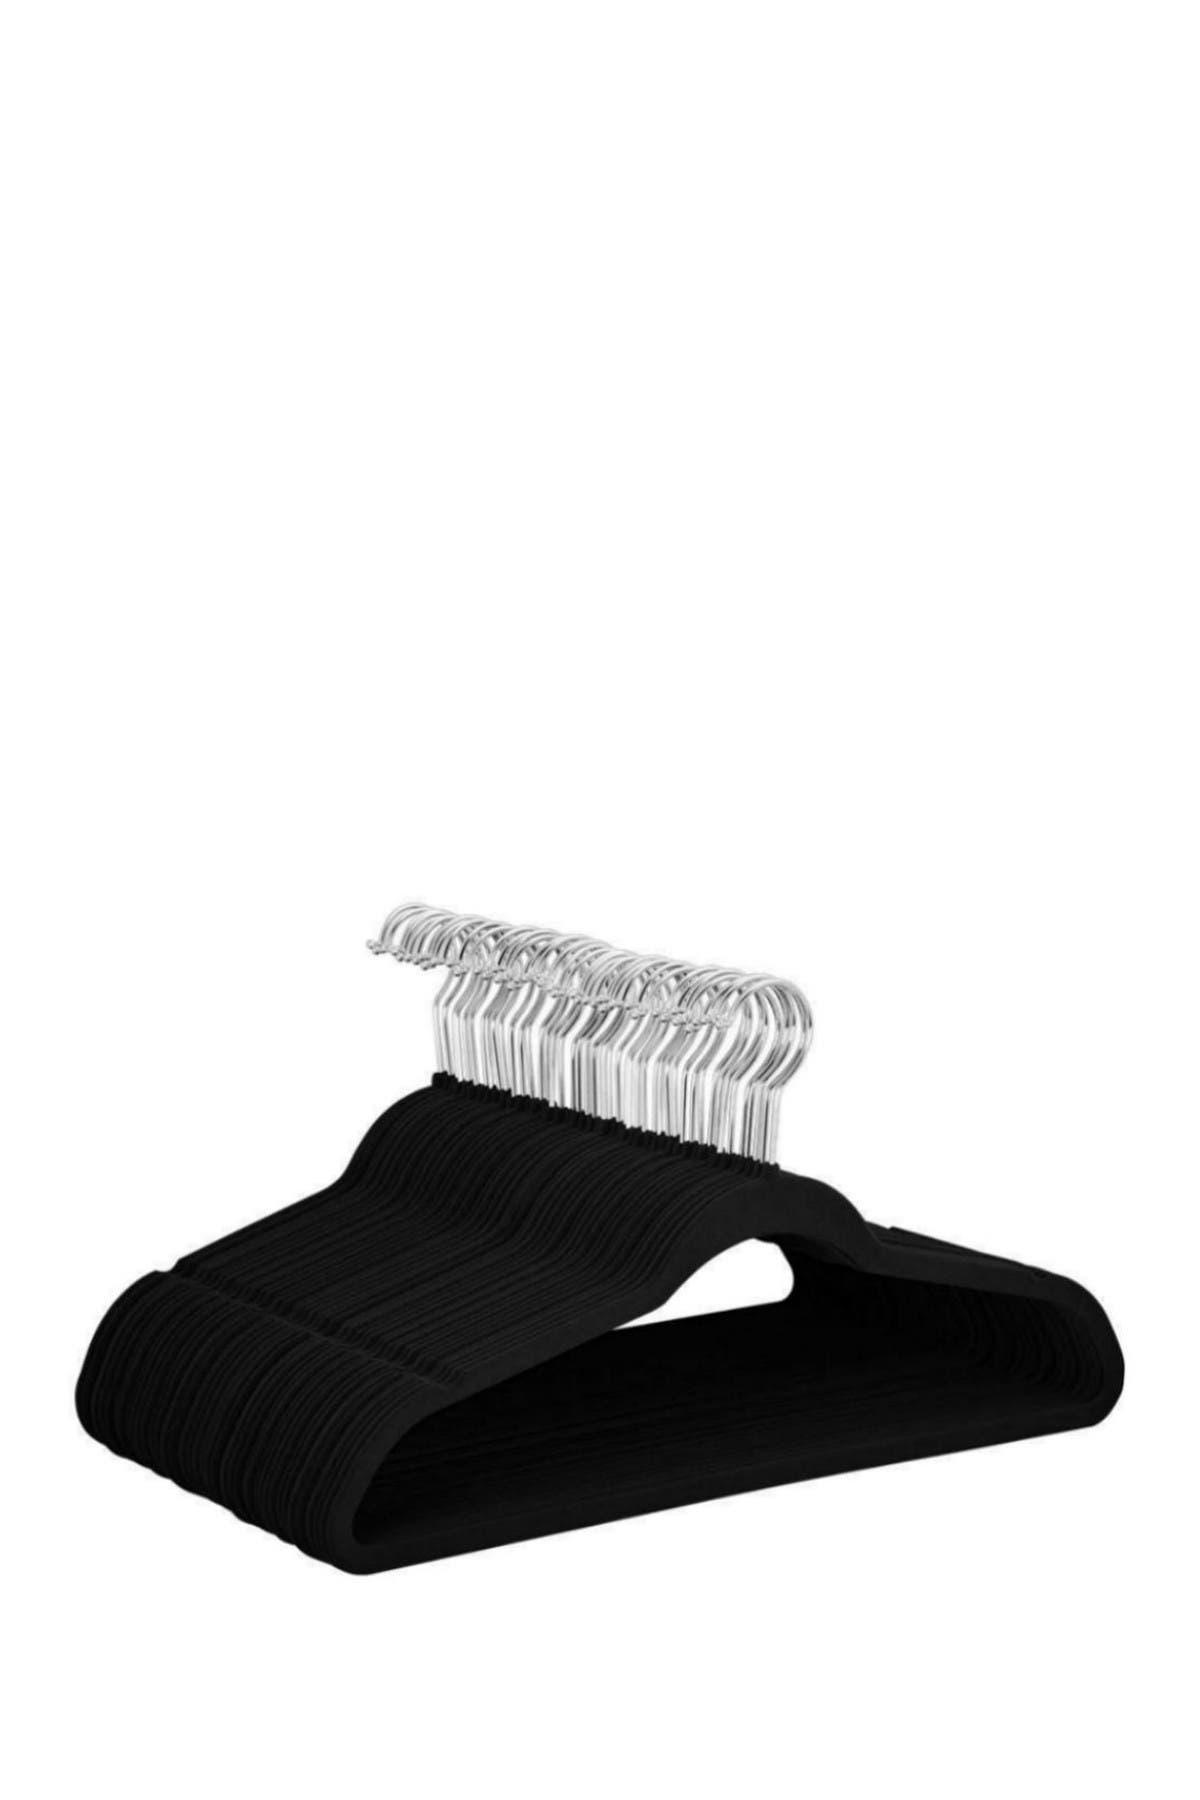 Image of Glomery Black Non-Slip Heavy-Duty Velvet Hangers - Pack of 25